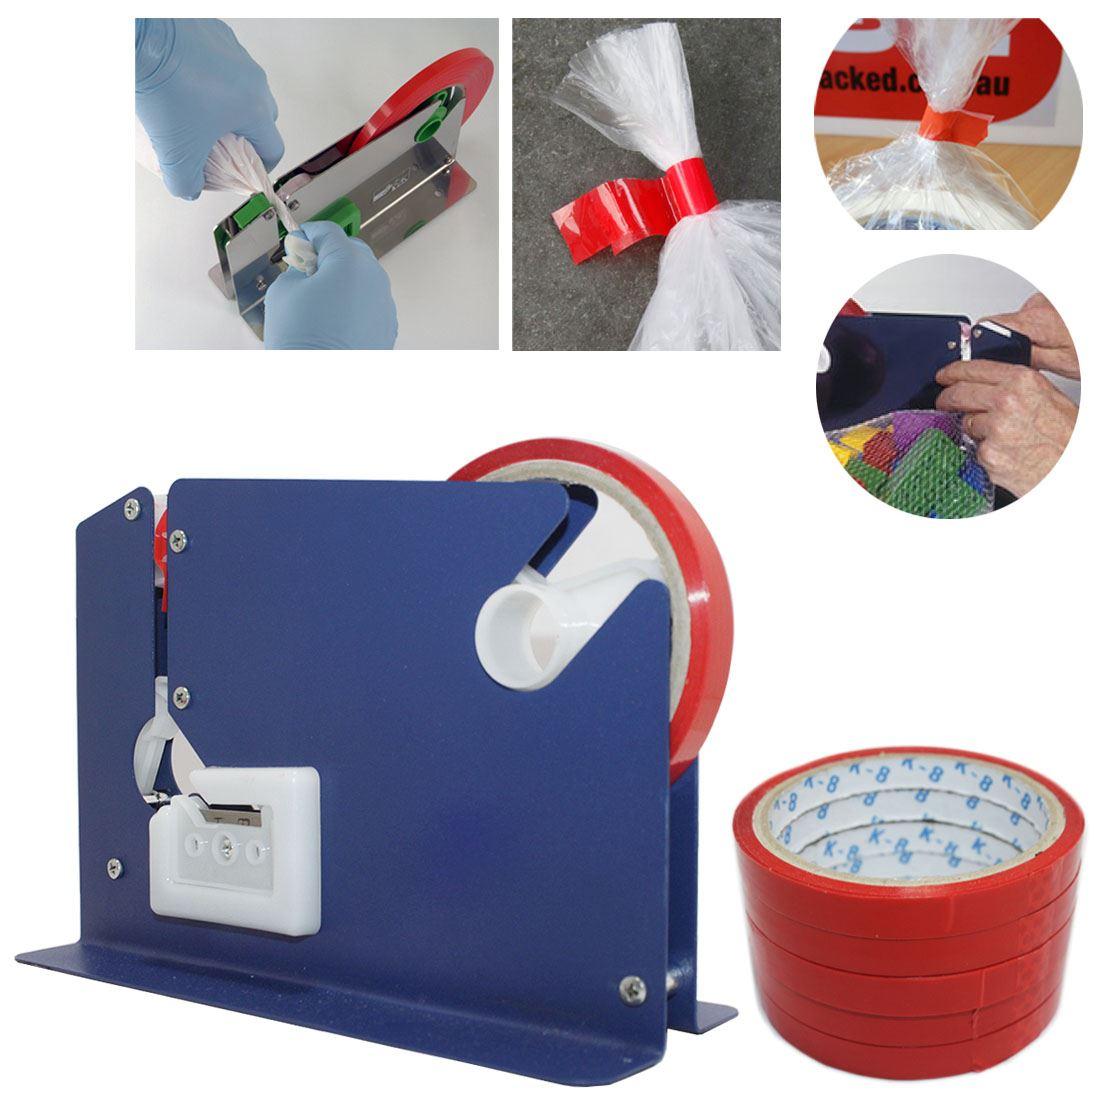 Plastic bag tape sealer - High Quality Metal Plastic Bag Neck Sealer With Tapes